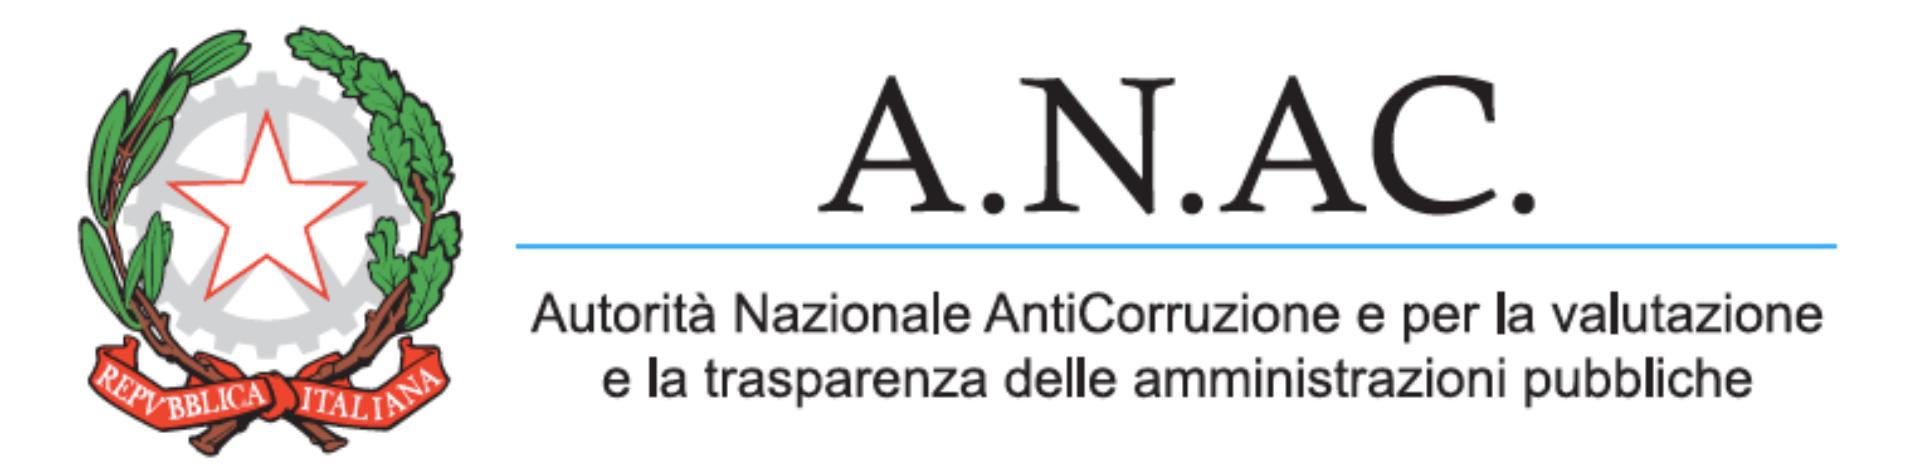 ANAC Autorità Nazionale Anticorruzione